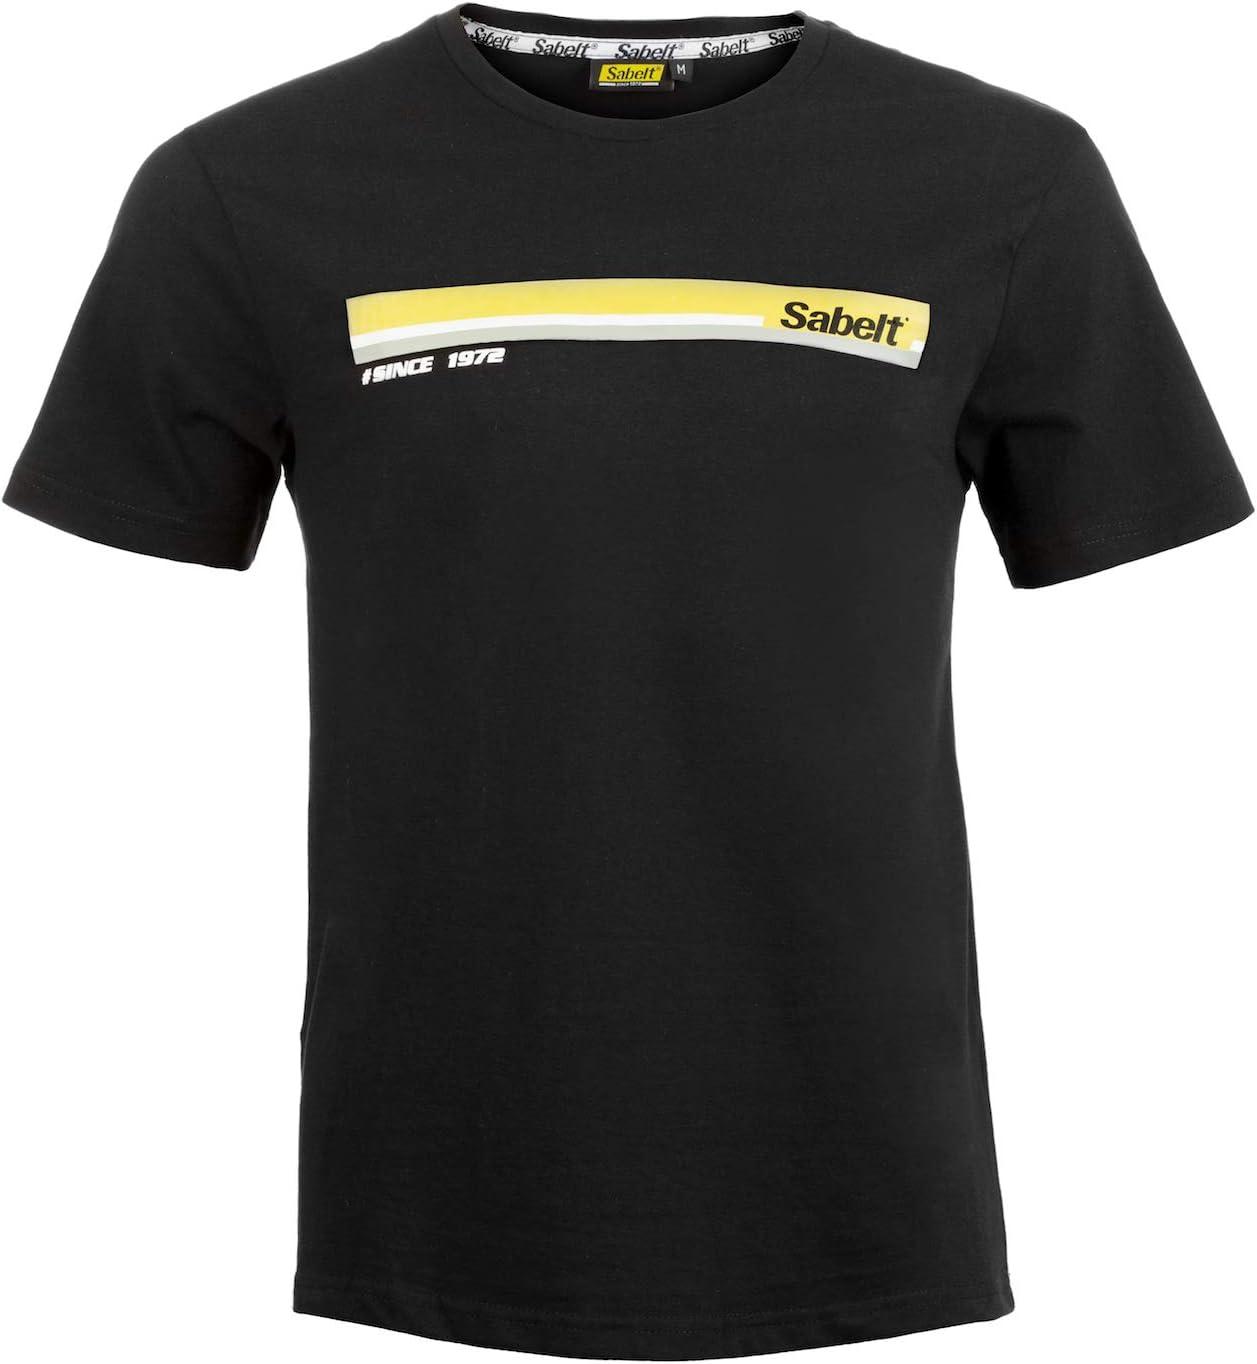 Sabelt Tshirt #1972 Design Black L